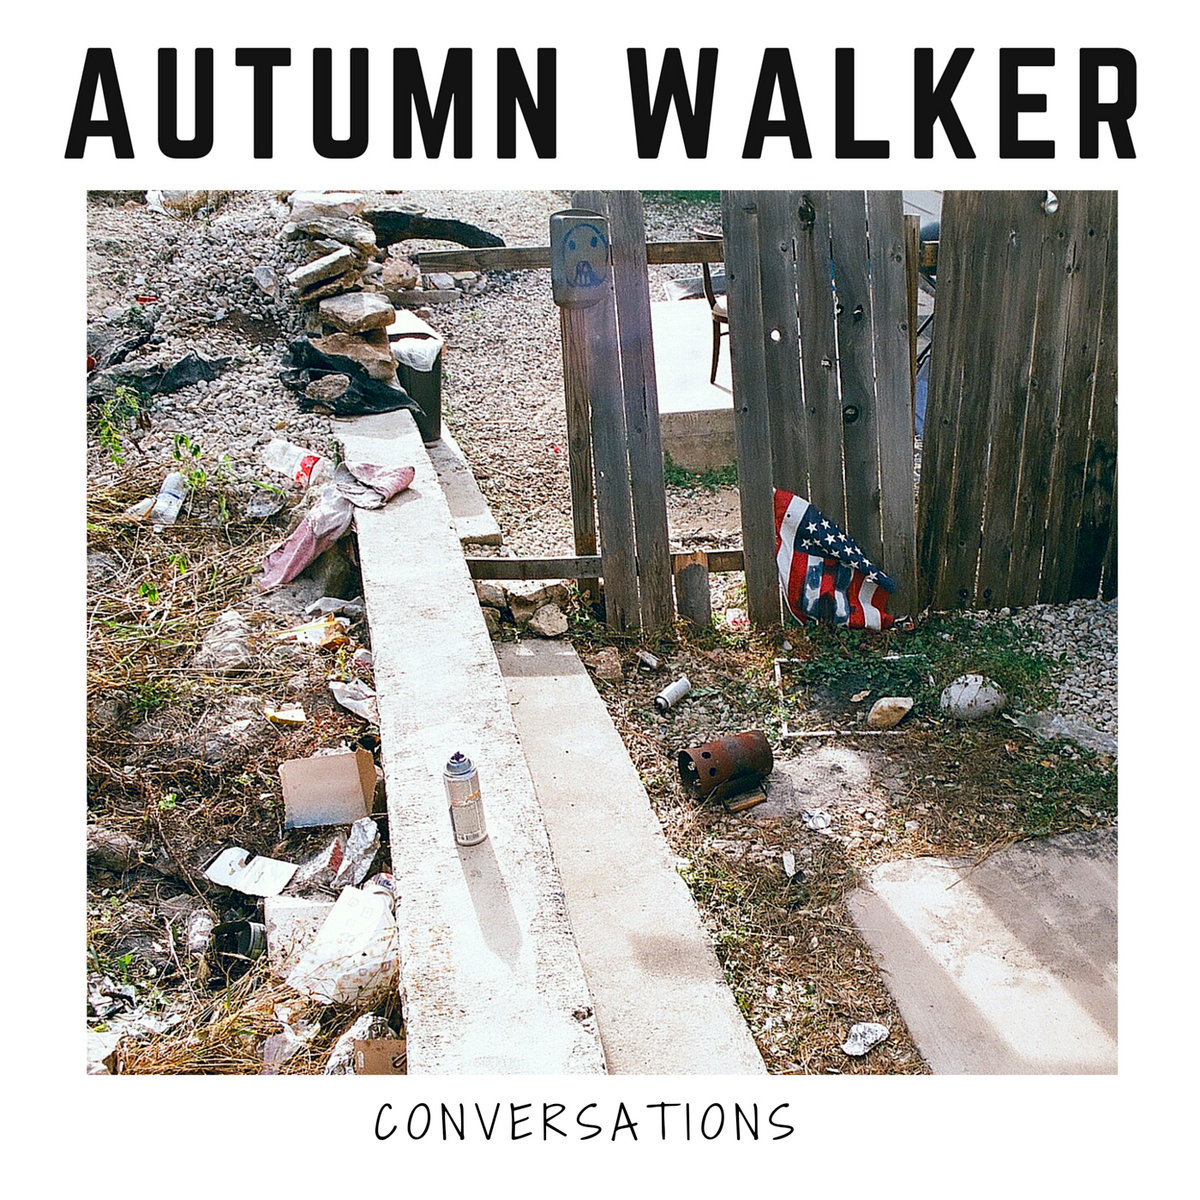 www.facebook.com/autumnwalkerTX